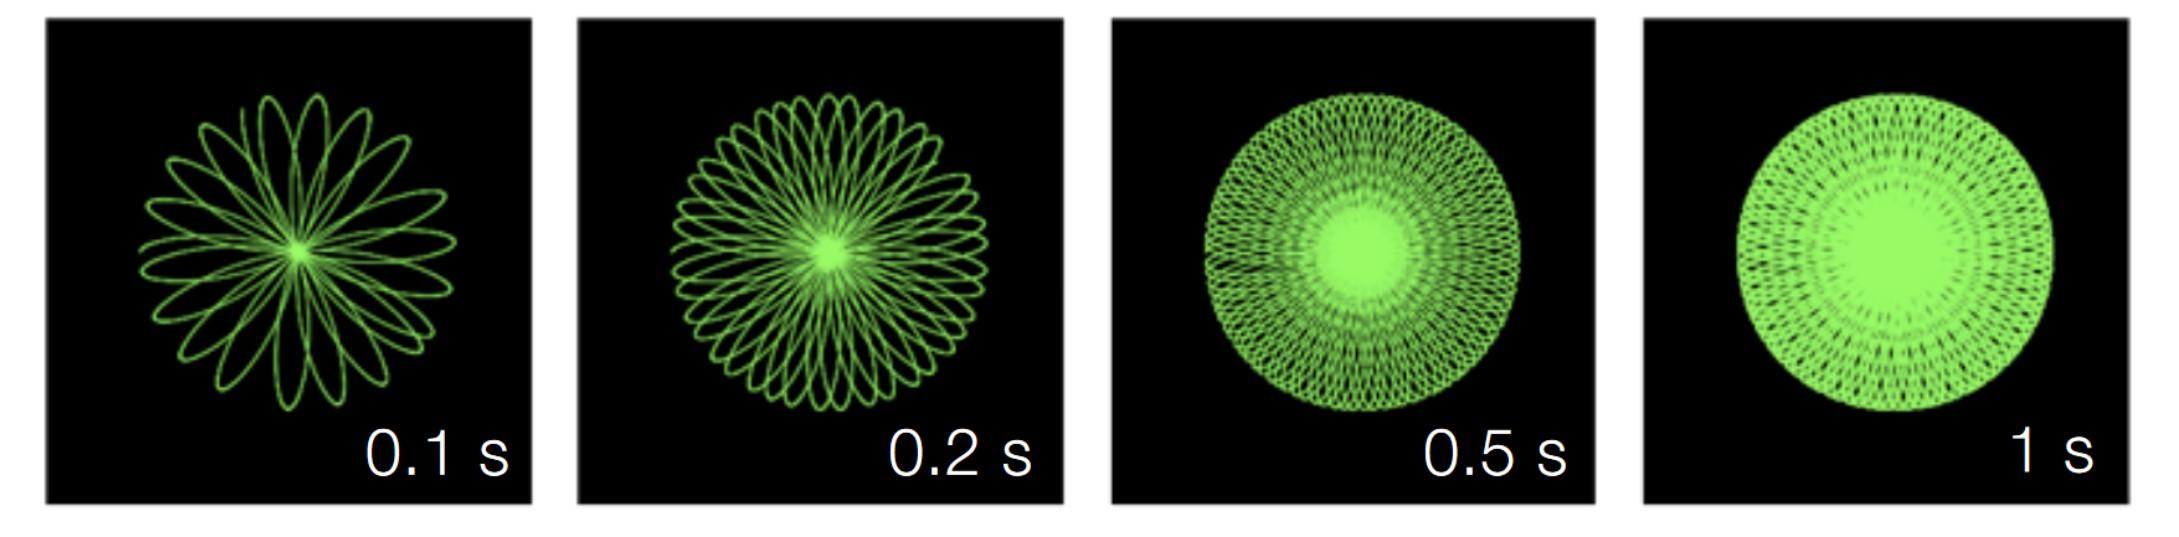 Hình dạng vùng quét của các cảm biến Hệ thống LiDAR